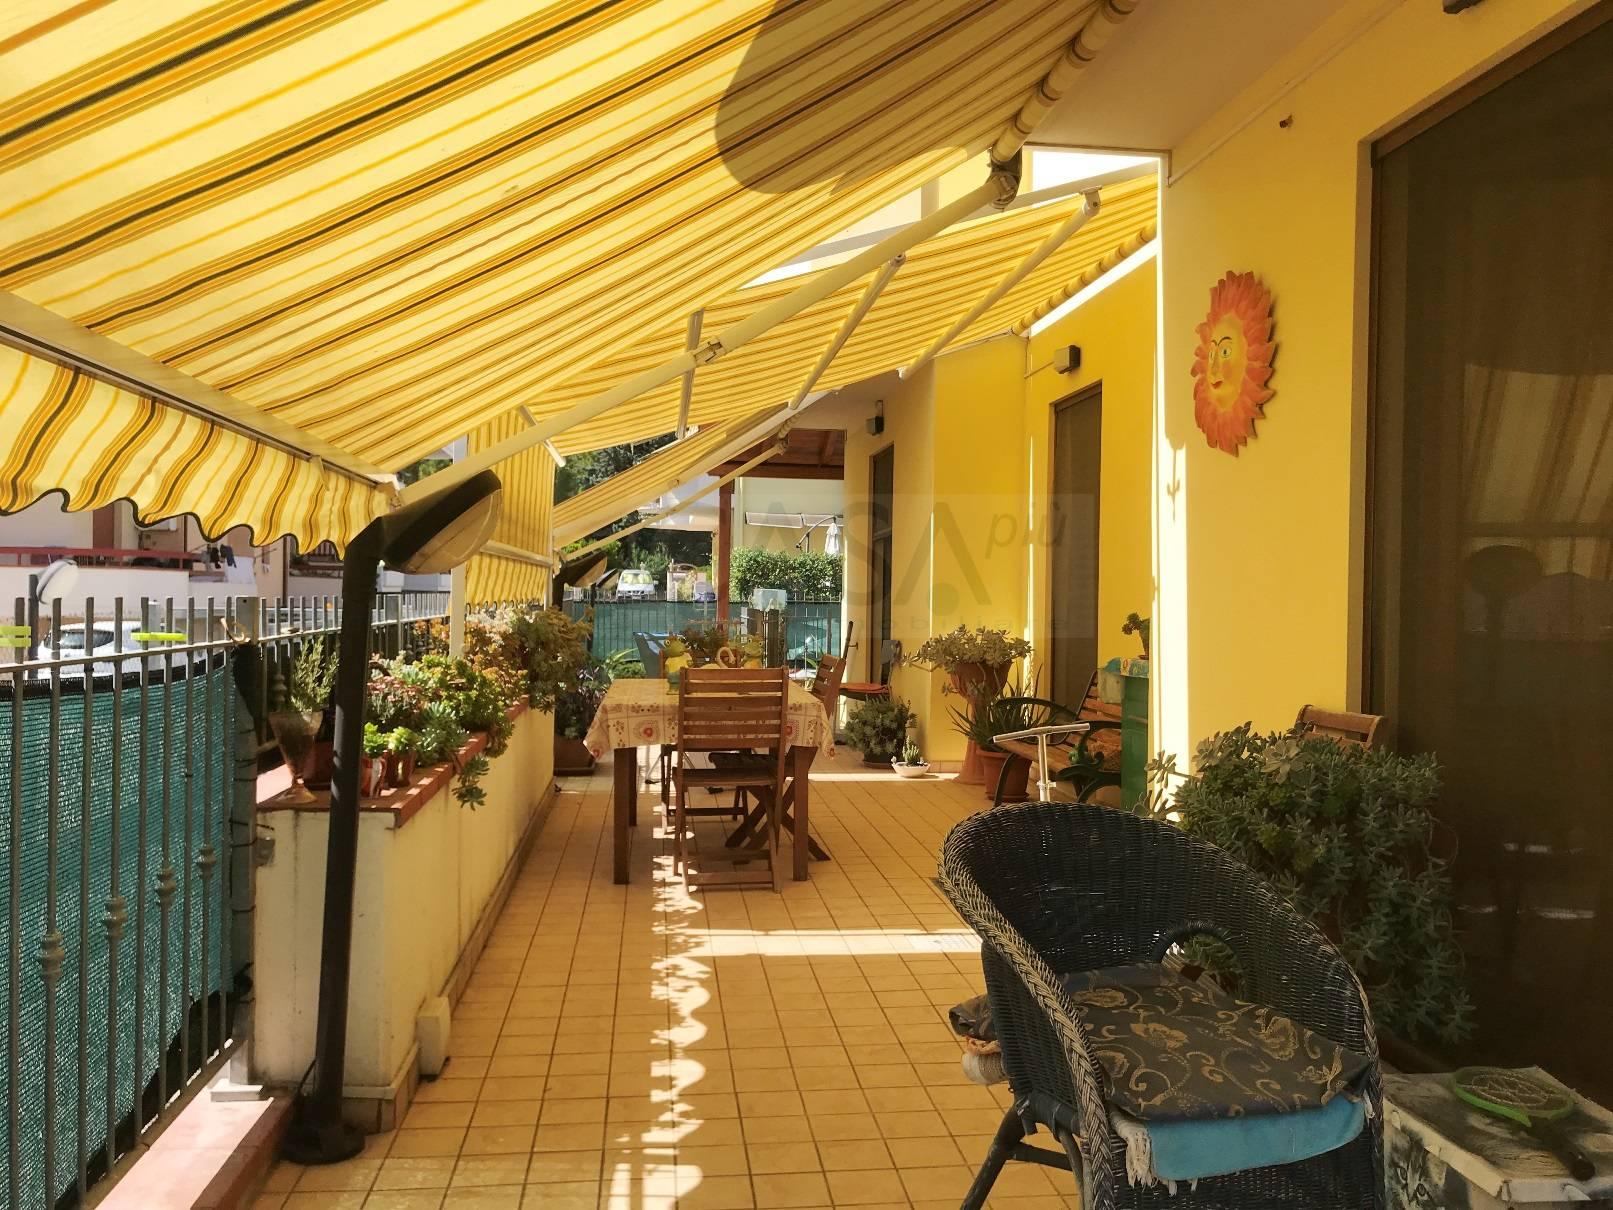 Appartamento in vendita a Monteprandone, 6 locali, zona Zona: Centobuchi, prezzo € 200.000 | CambioCasa.it